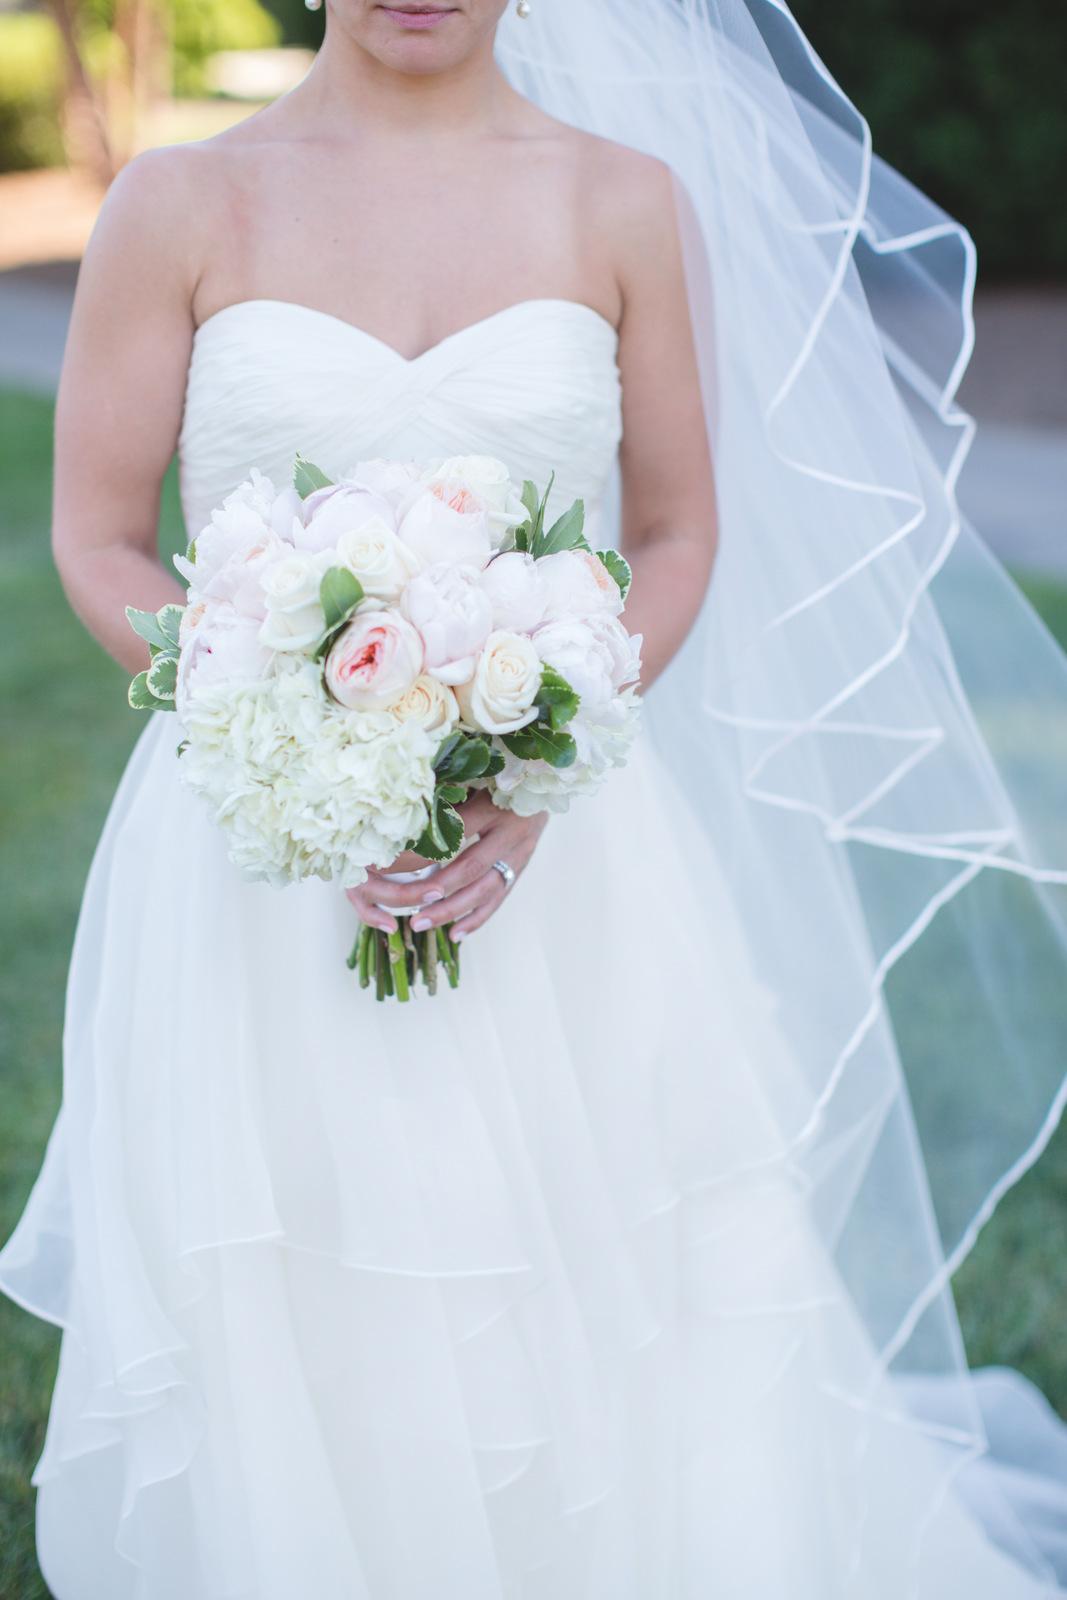 RyanKacie-weddingparty-1-122.jpg